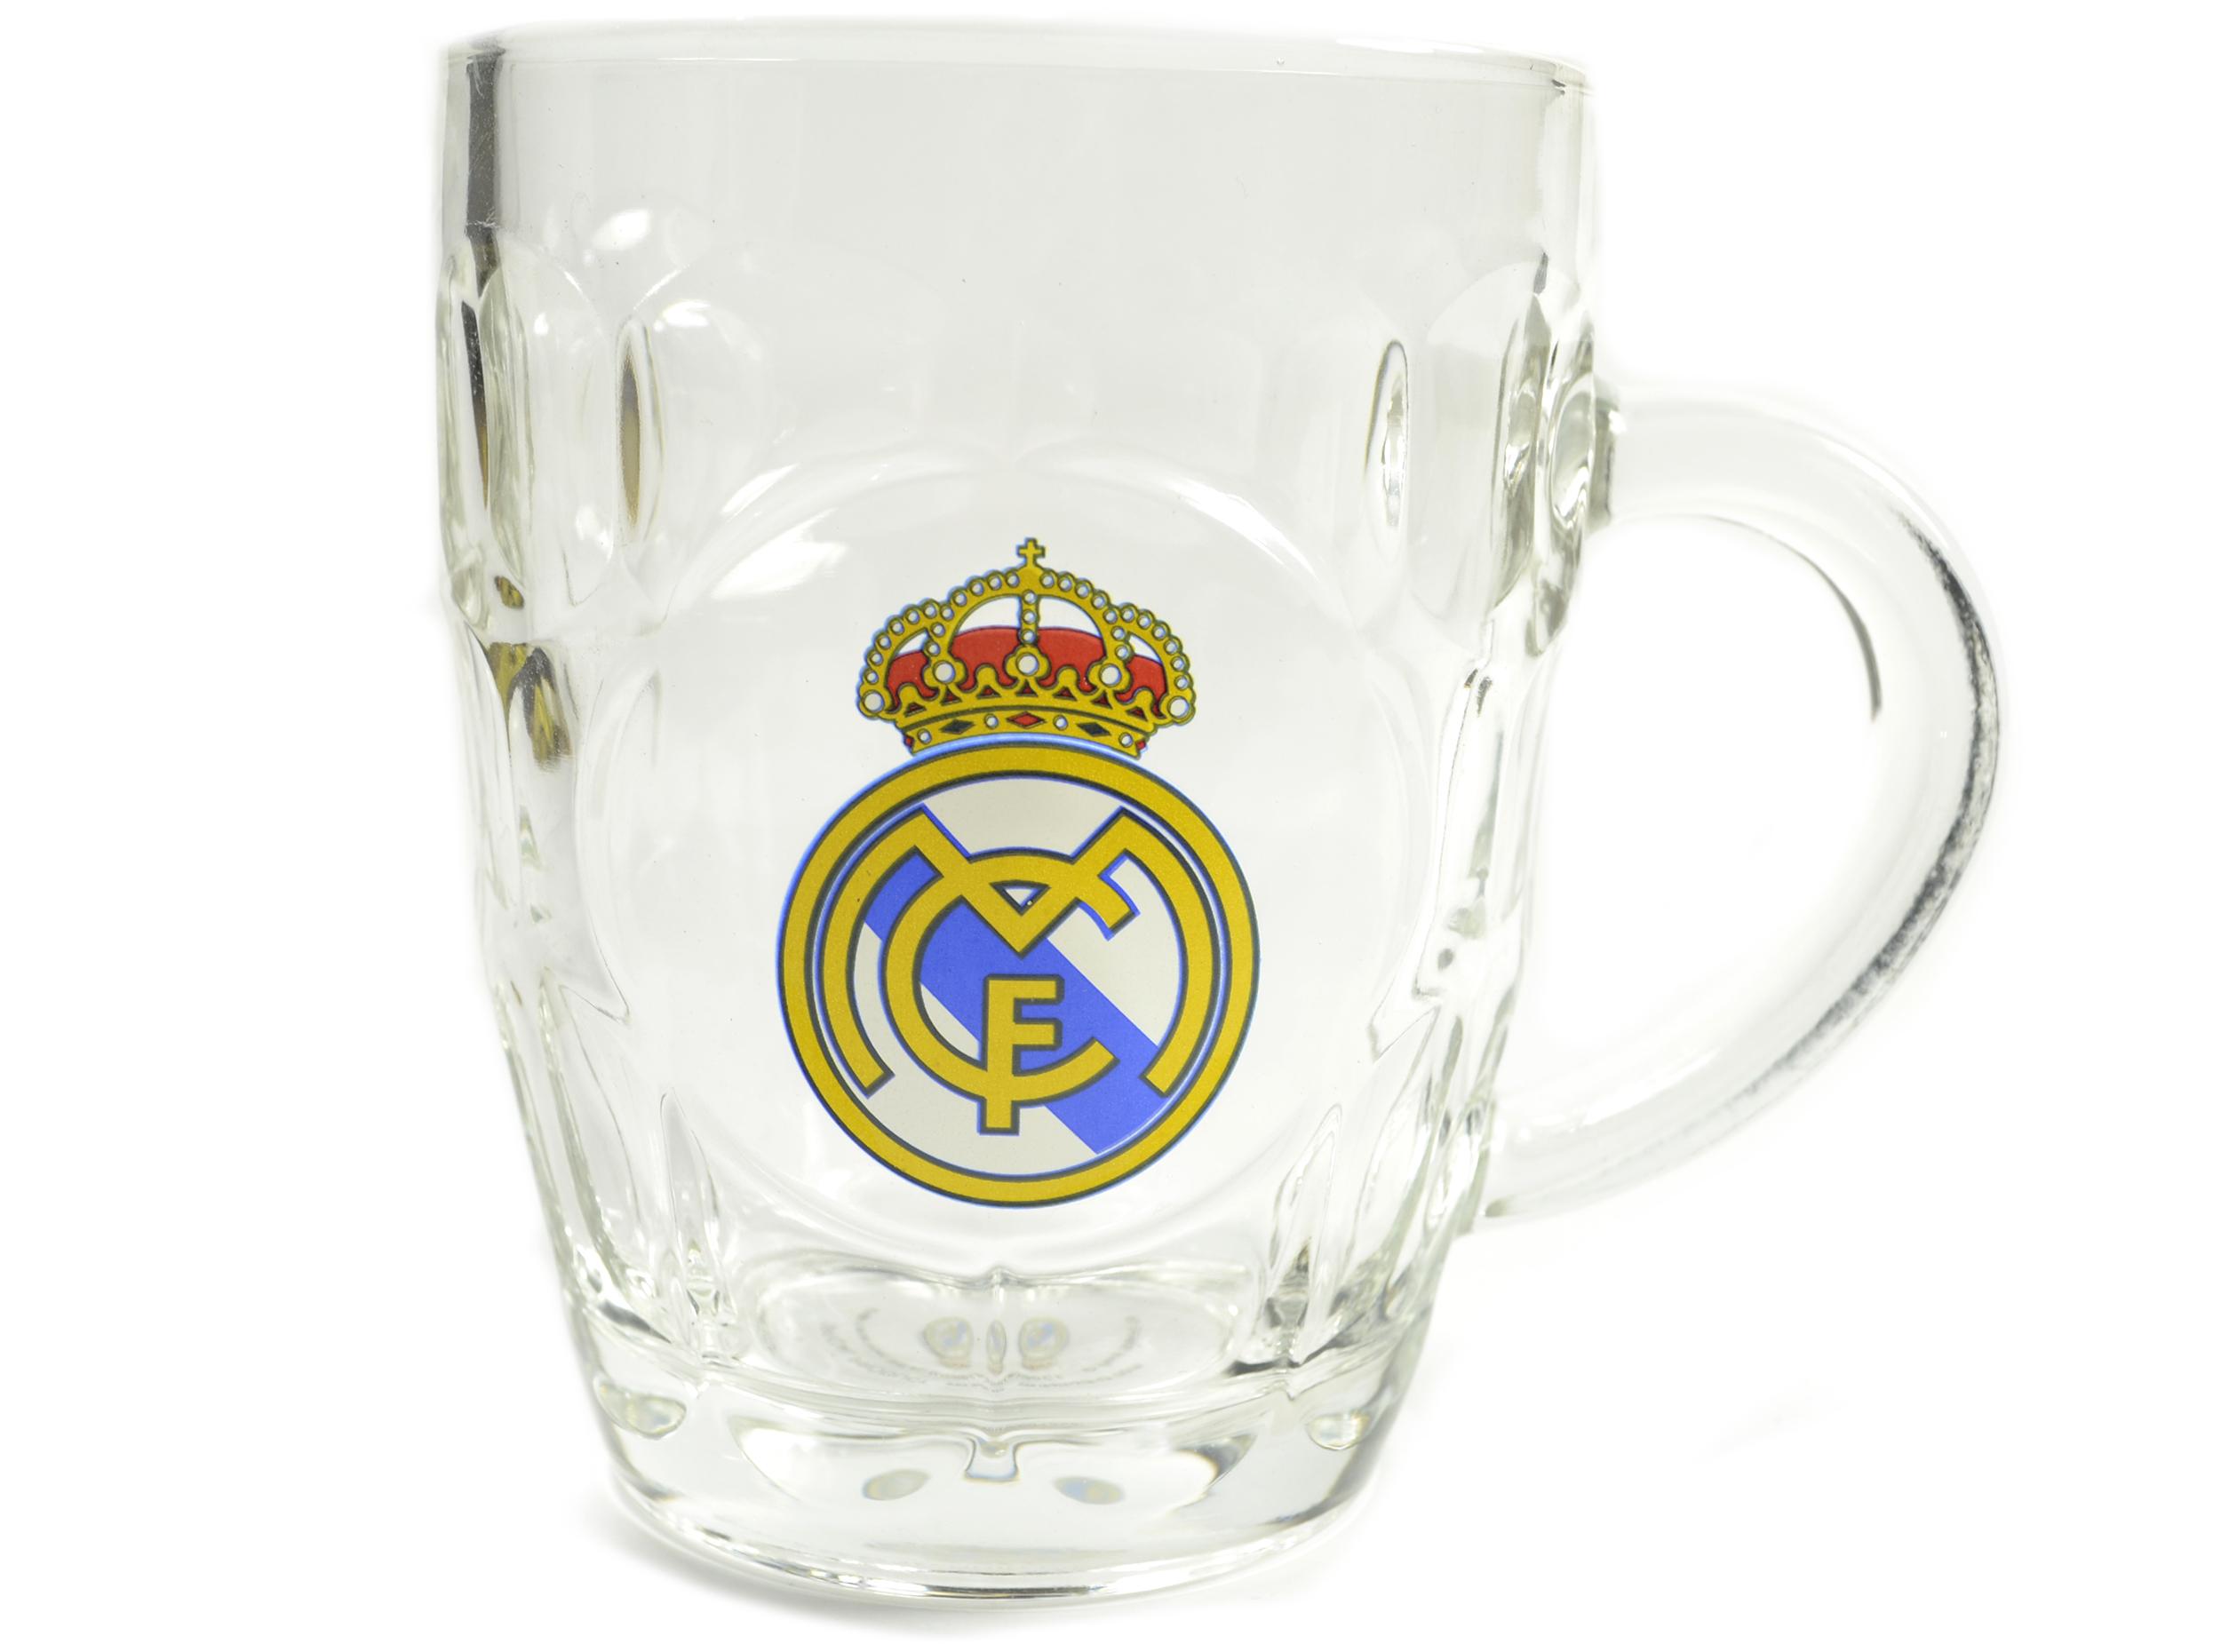 Polliter Real Madrid CF